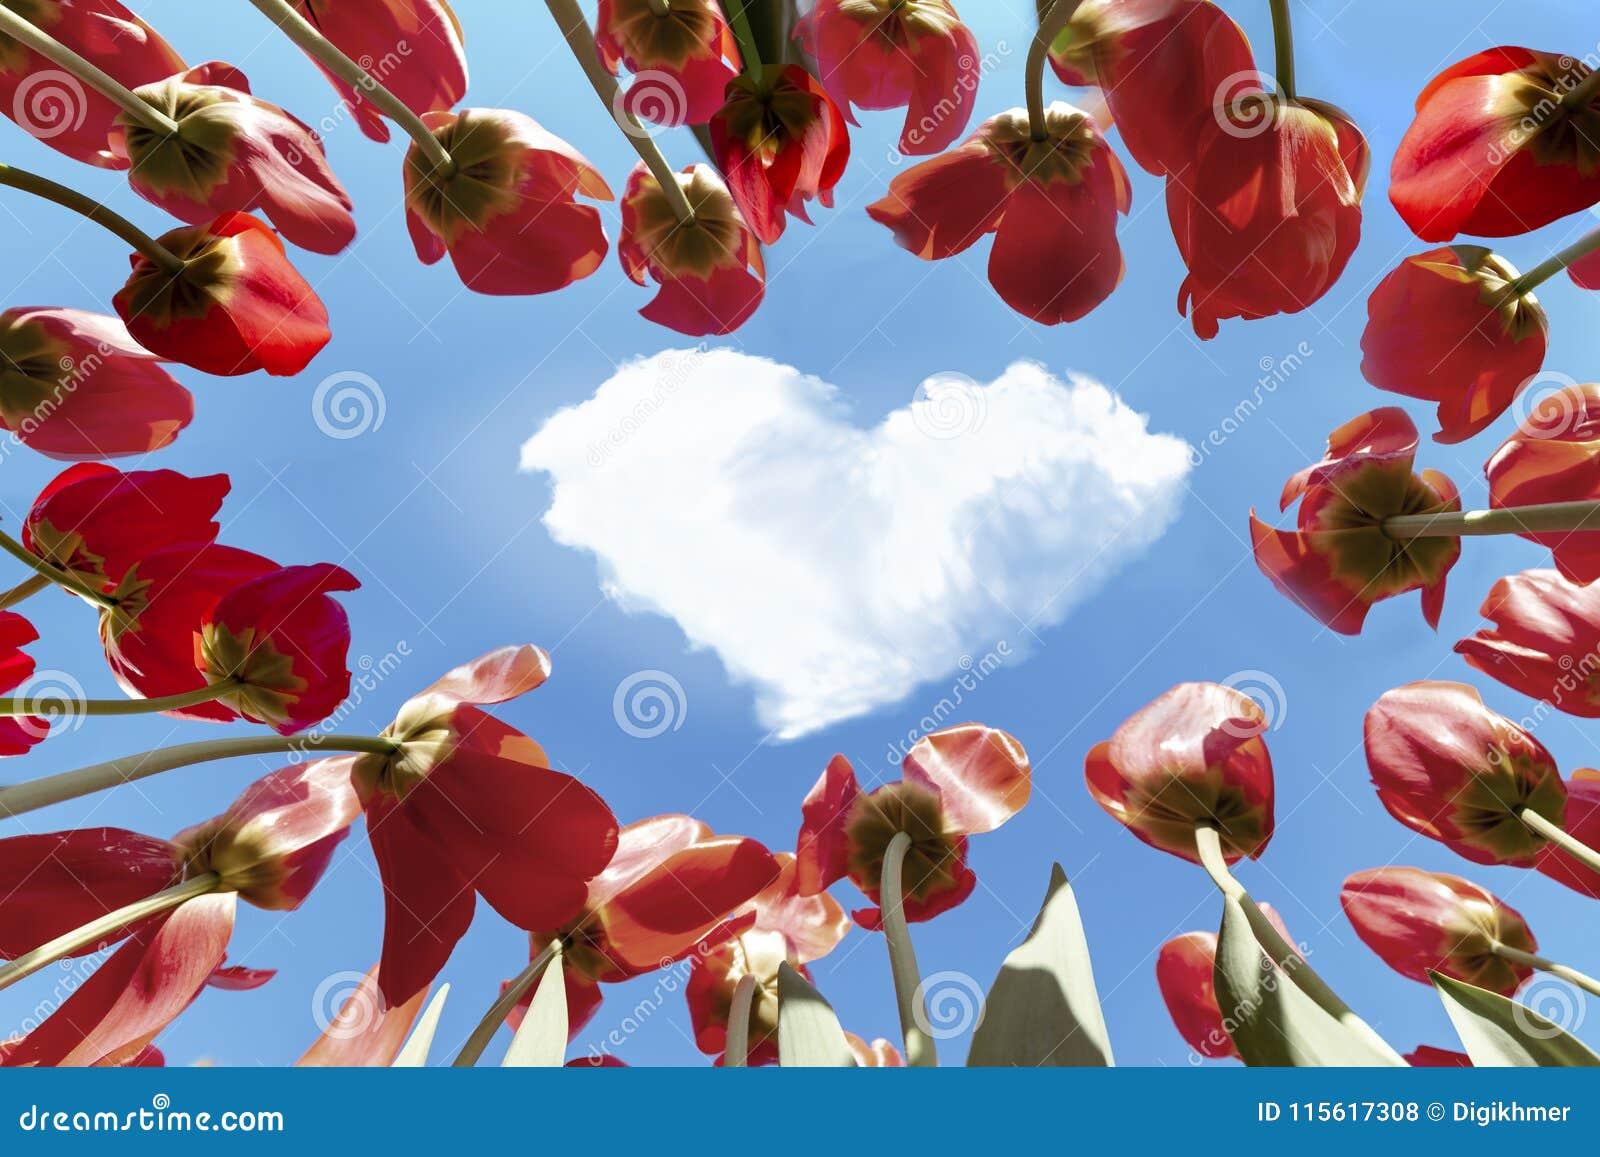 Le vrai amour est dans le ciel